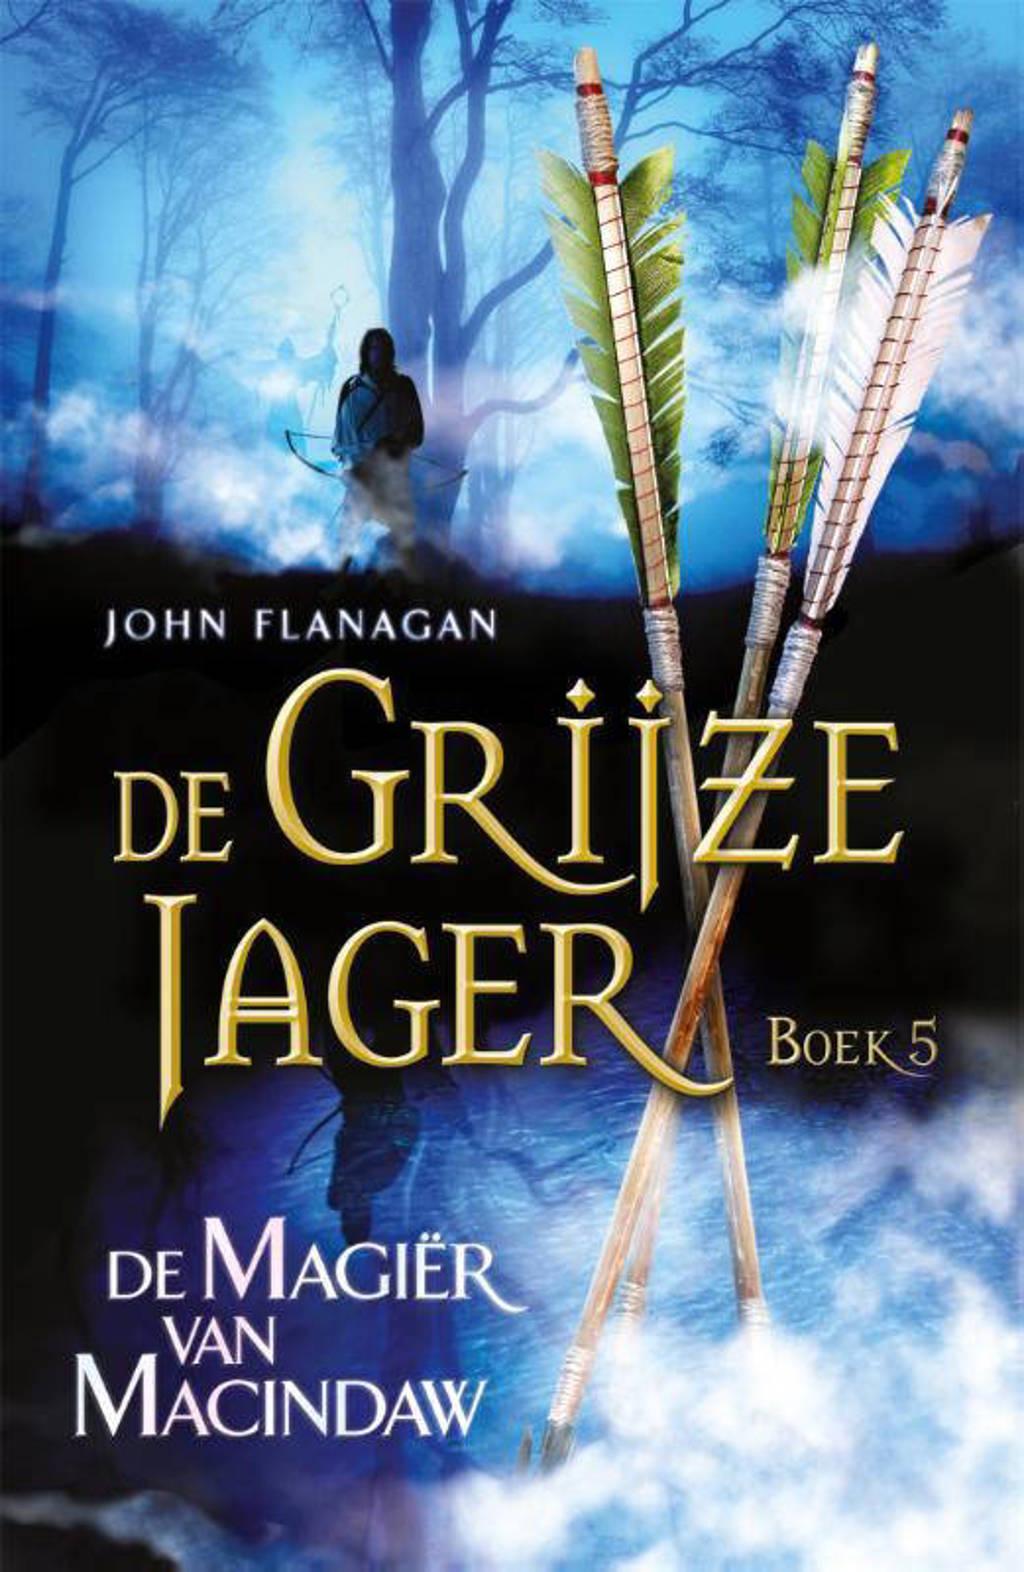 De Grijze Jager: De magiër van Macindaw - John Flanagan